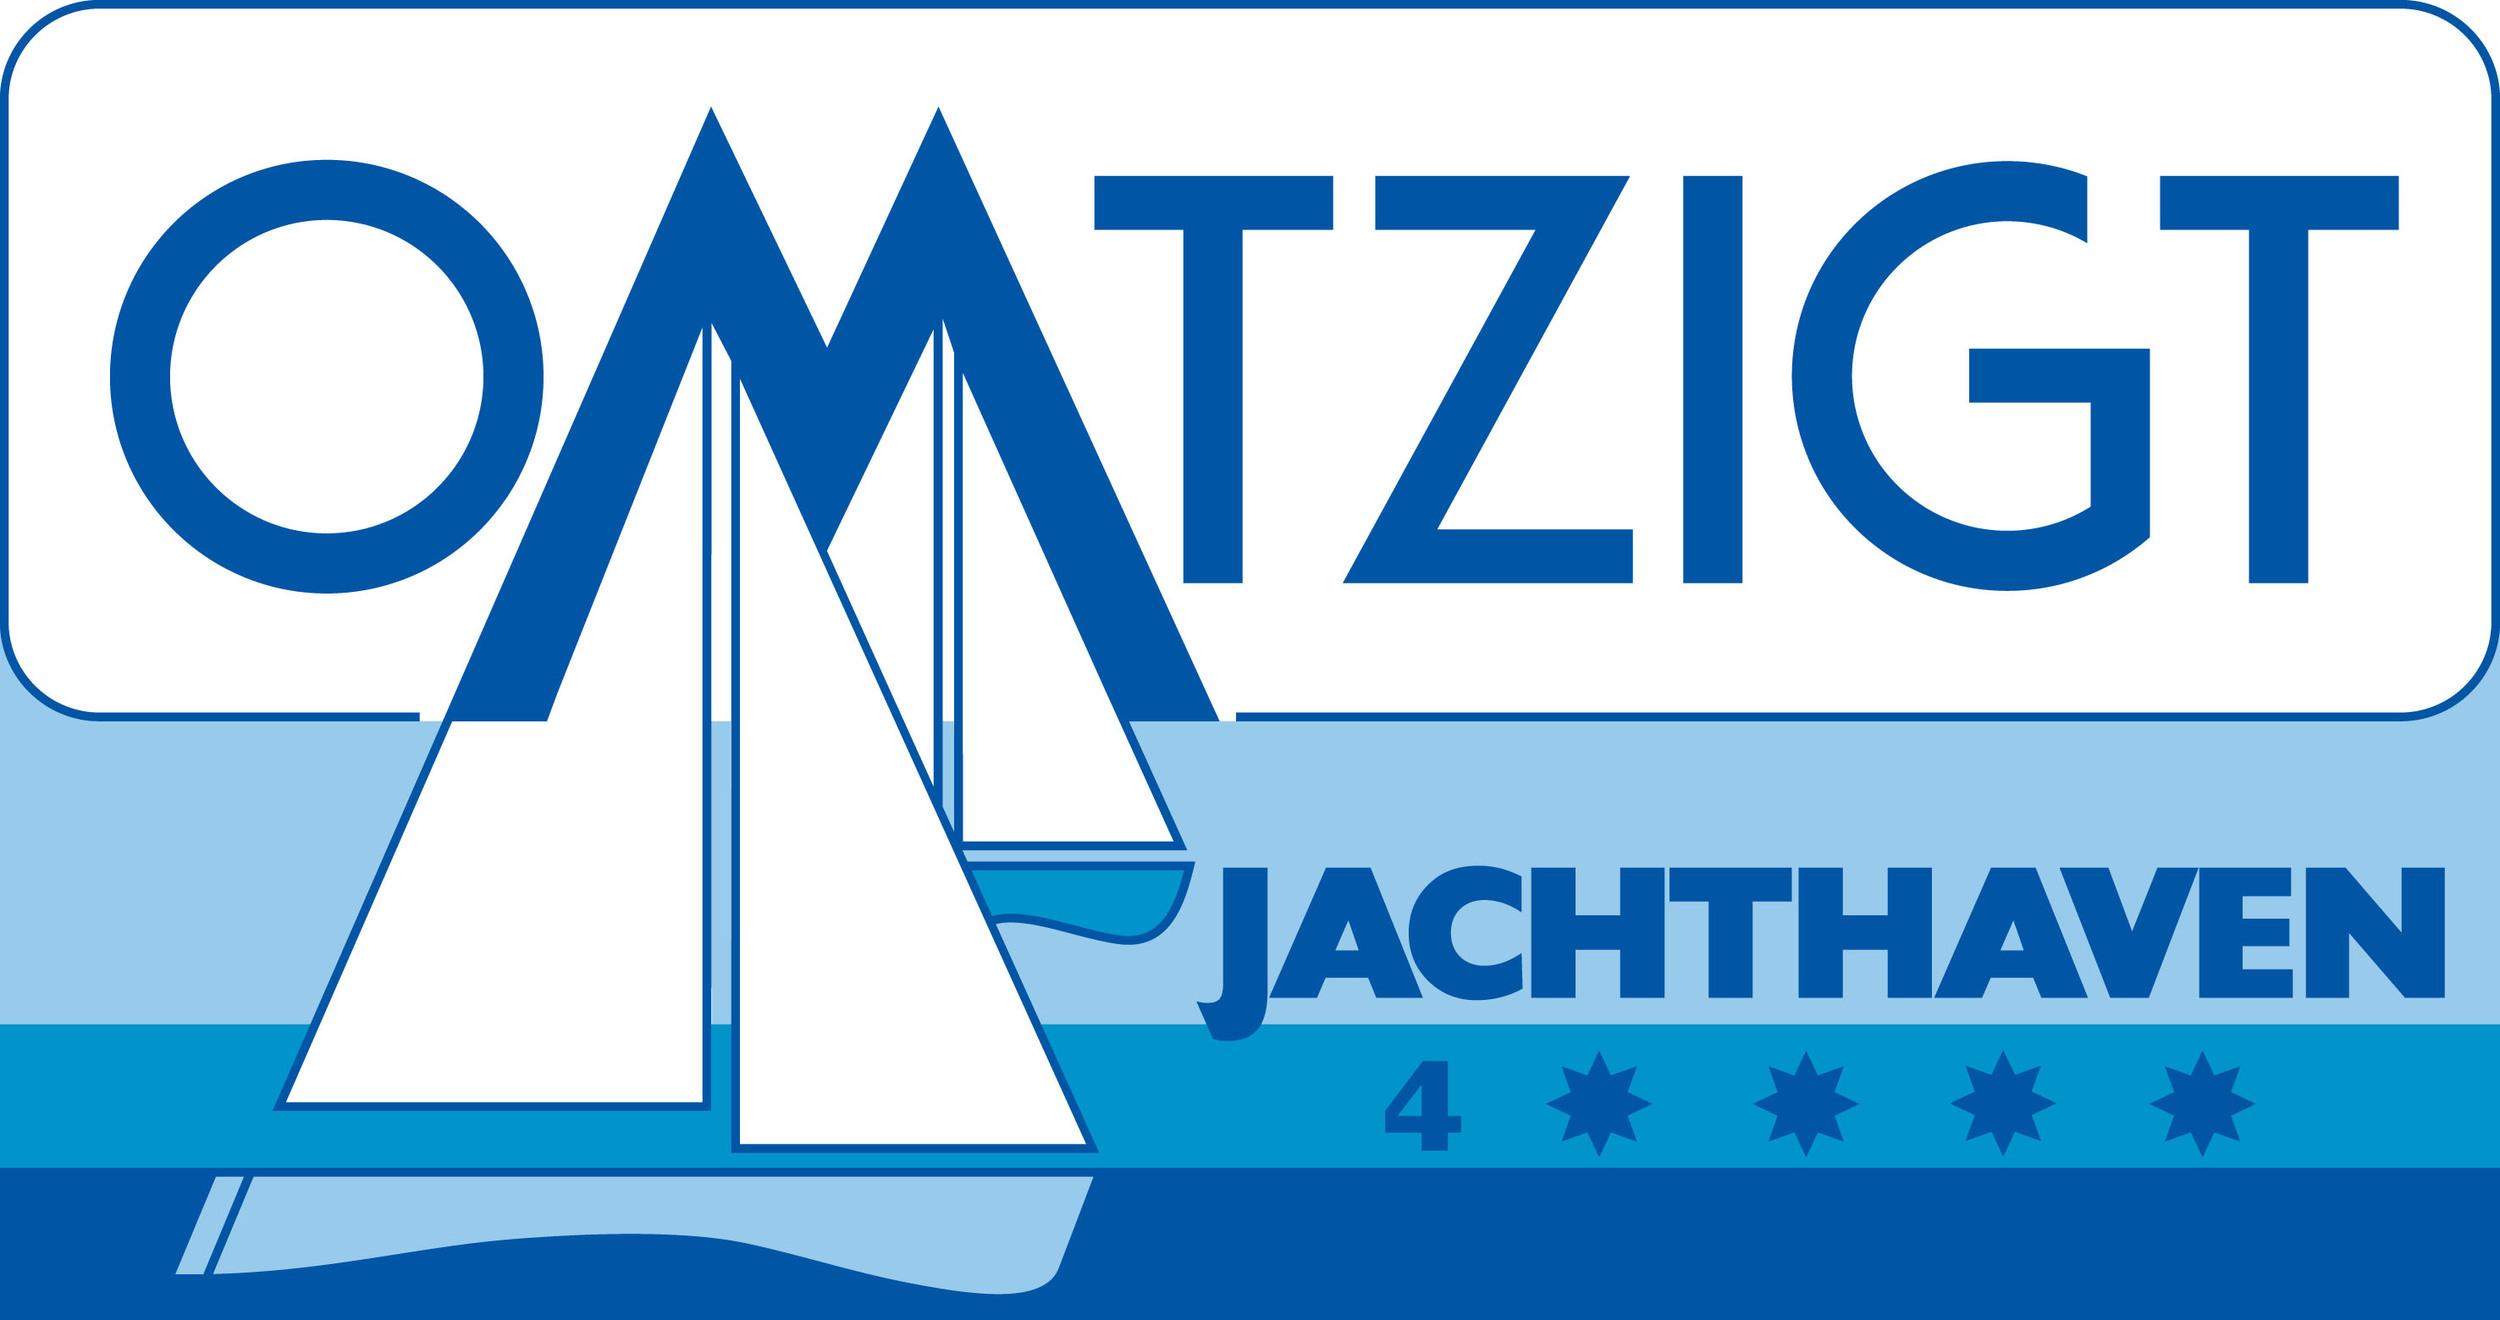 Просмотреть все яхты с  Jachthaven Omtzigt